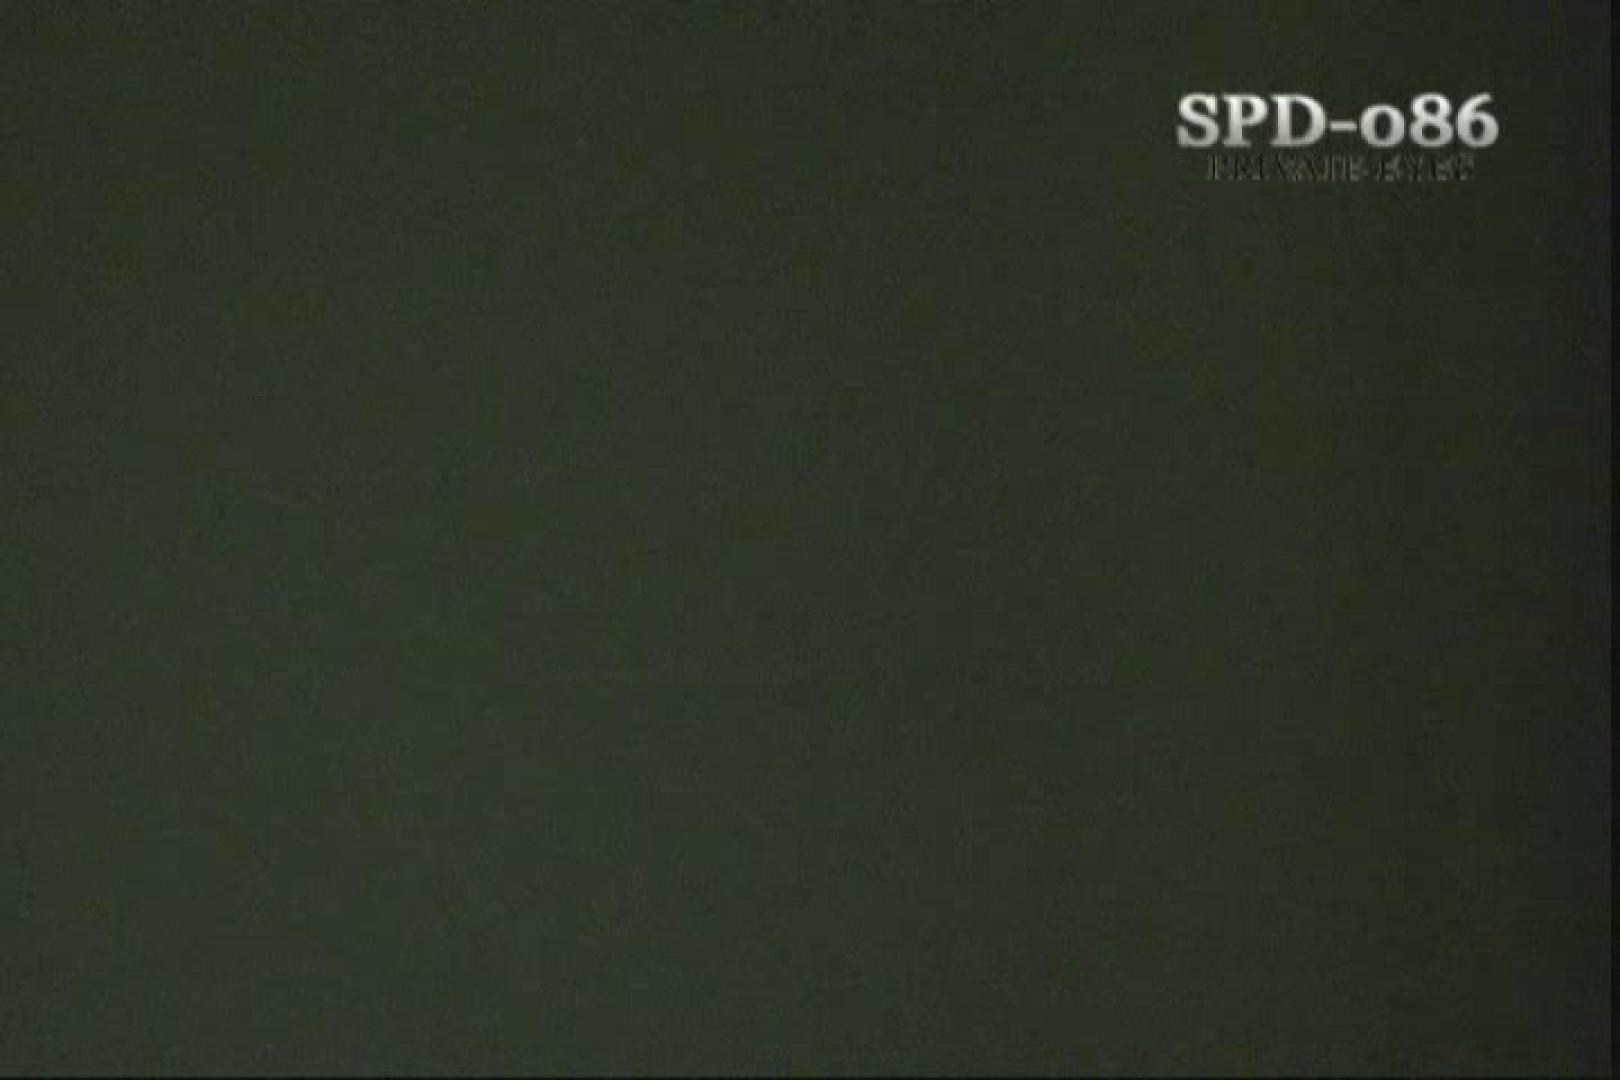 高画質版!SPD-086 盗撮・厠の隙間 3 ~厠盗撮に革命前代未分の映像~ 名作映像 濡れ場動画紹介 97PIX 94